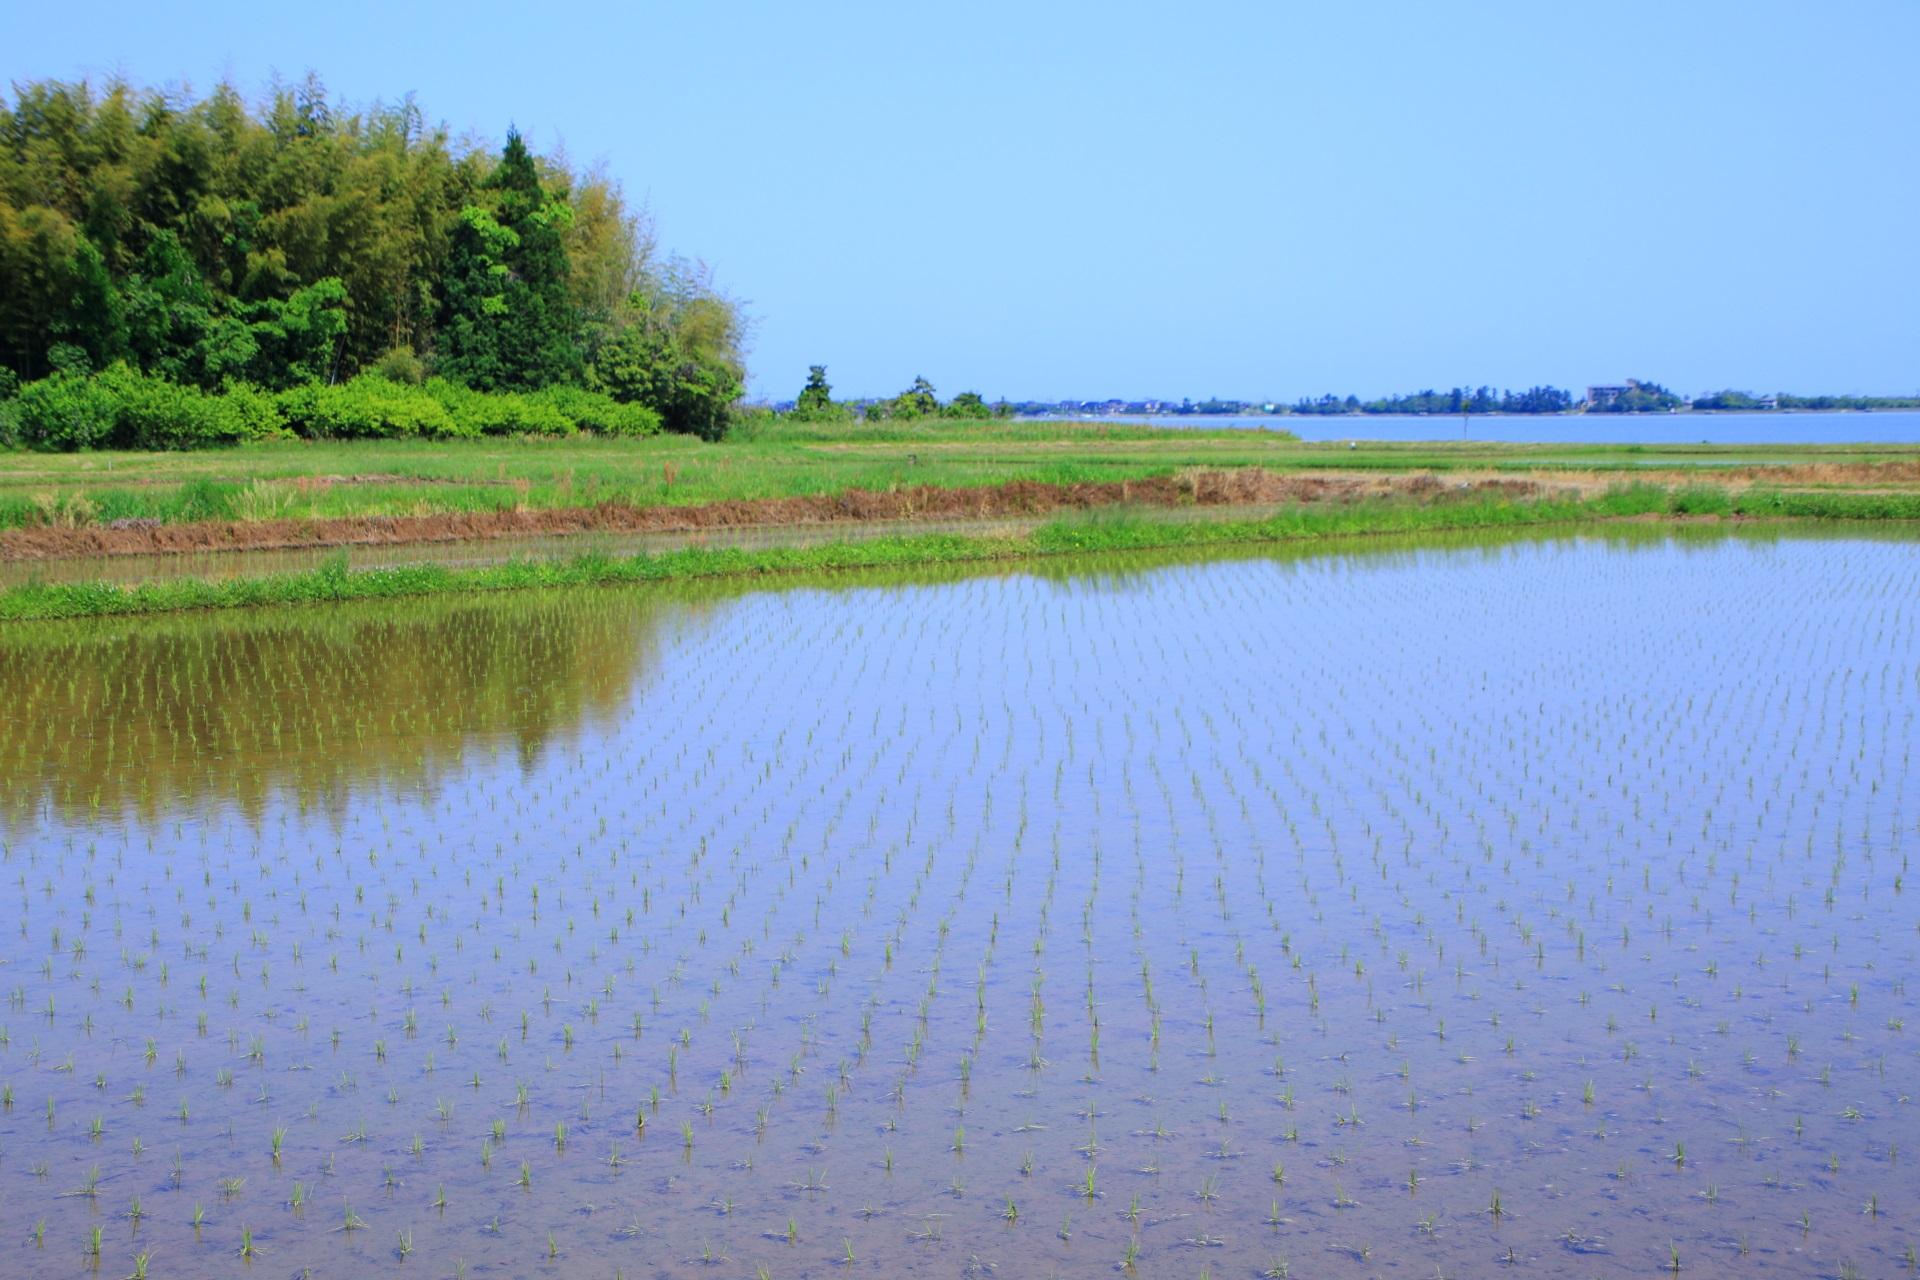 久美浜湾周辺に広がる長閑な田園風景